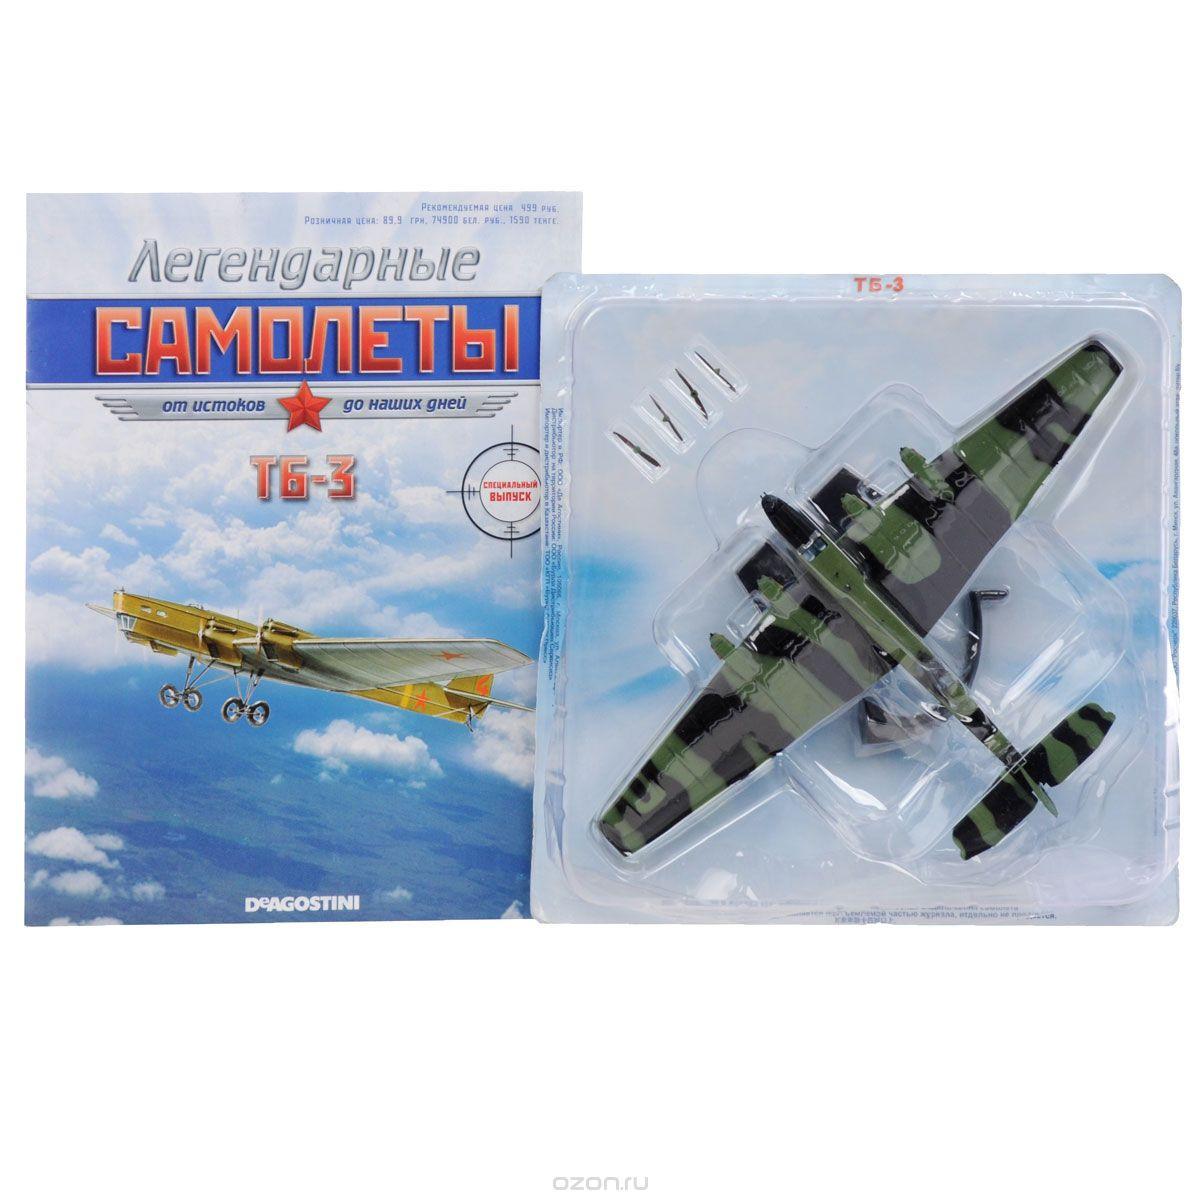 Легендарные самолеты специальный выпуск ТБ-3